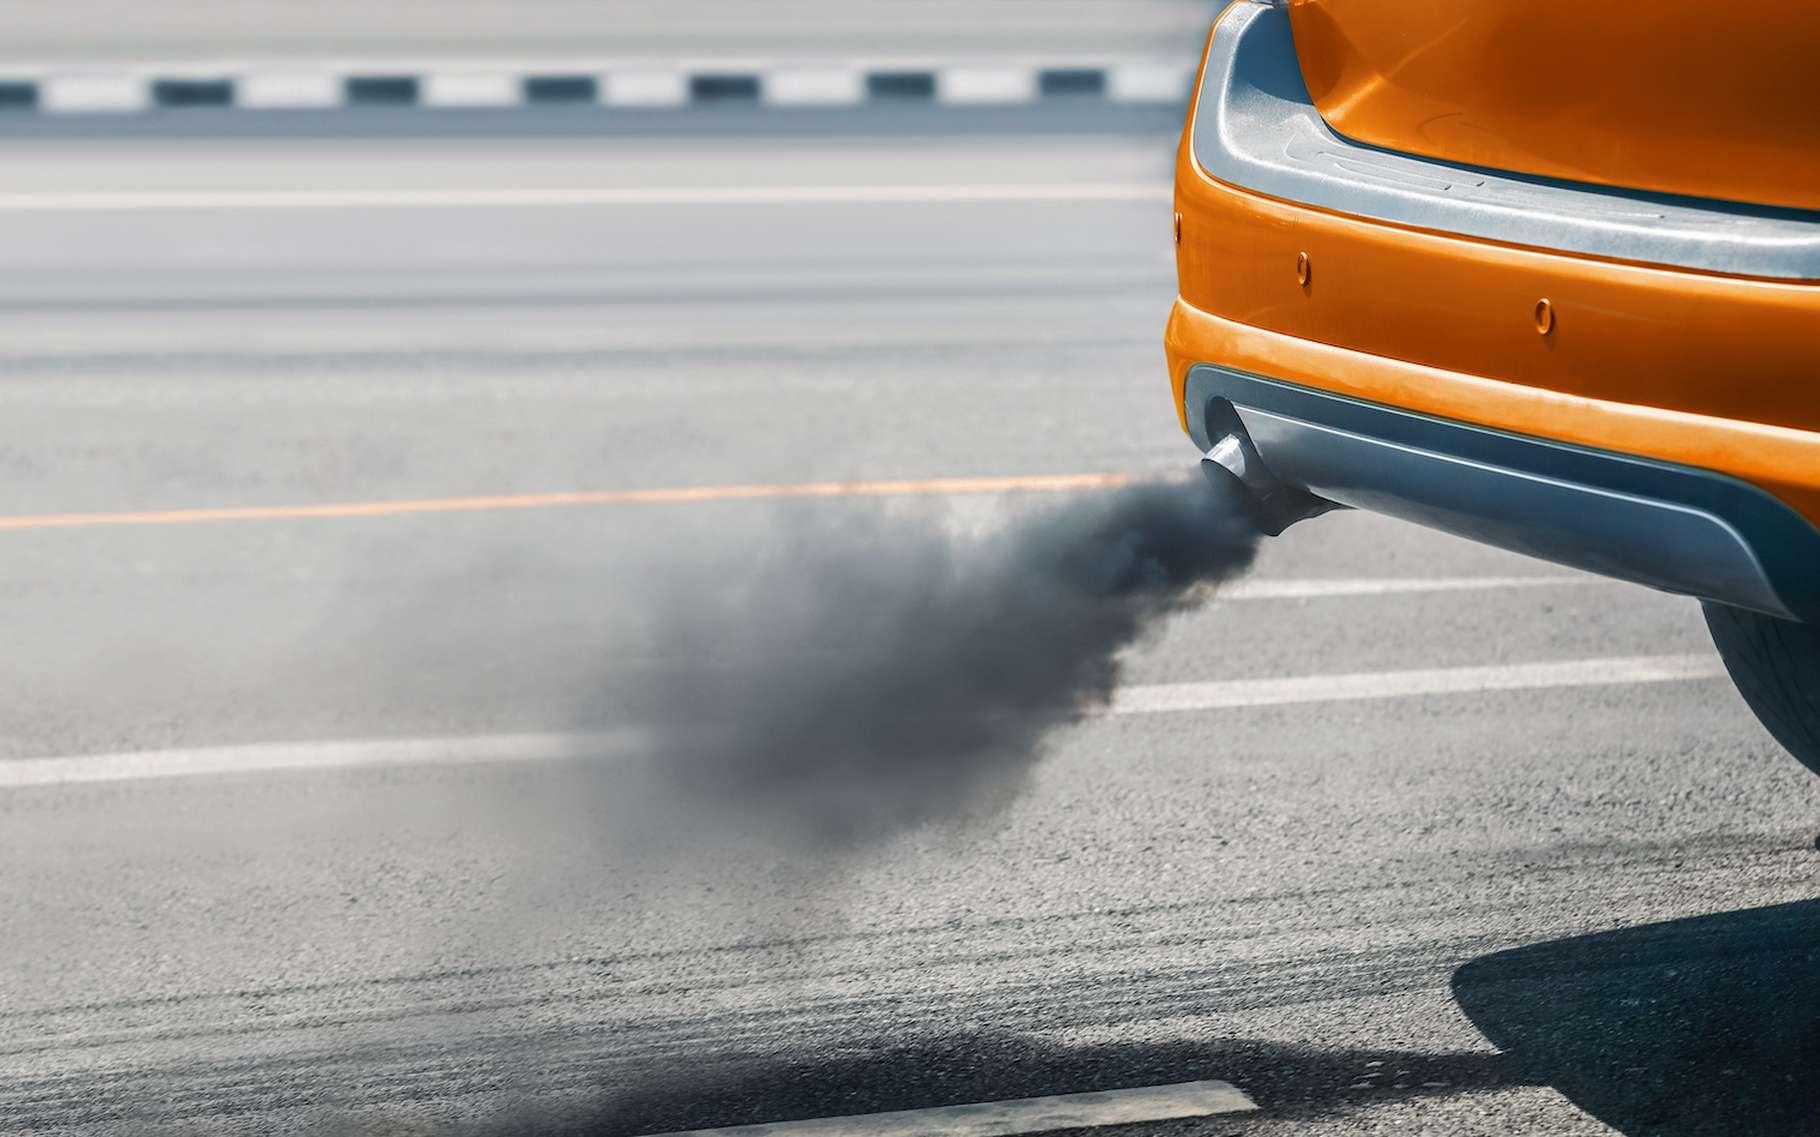 Des chercheurs de l'université impériale de Kyushu (Japon) suggèrent que nous devrions réfléchir à deux fois avant de mettre nos voitures à essence à la casse. Prolonger un peu leur durée de vie pourrait aider à limiter les émissions de gaz à effet de serre du secteur des transports. © toaSSS, Adobe Stock